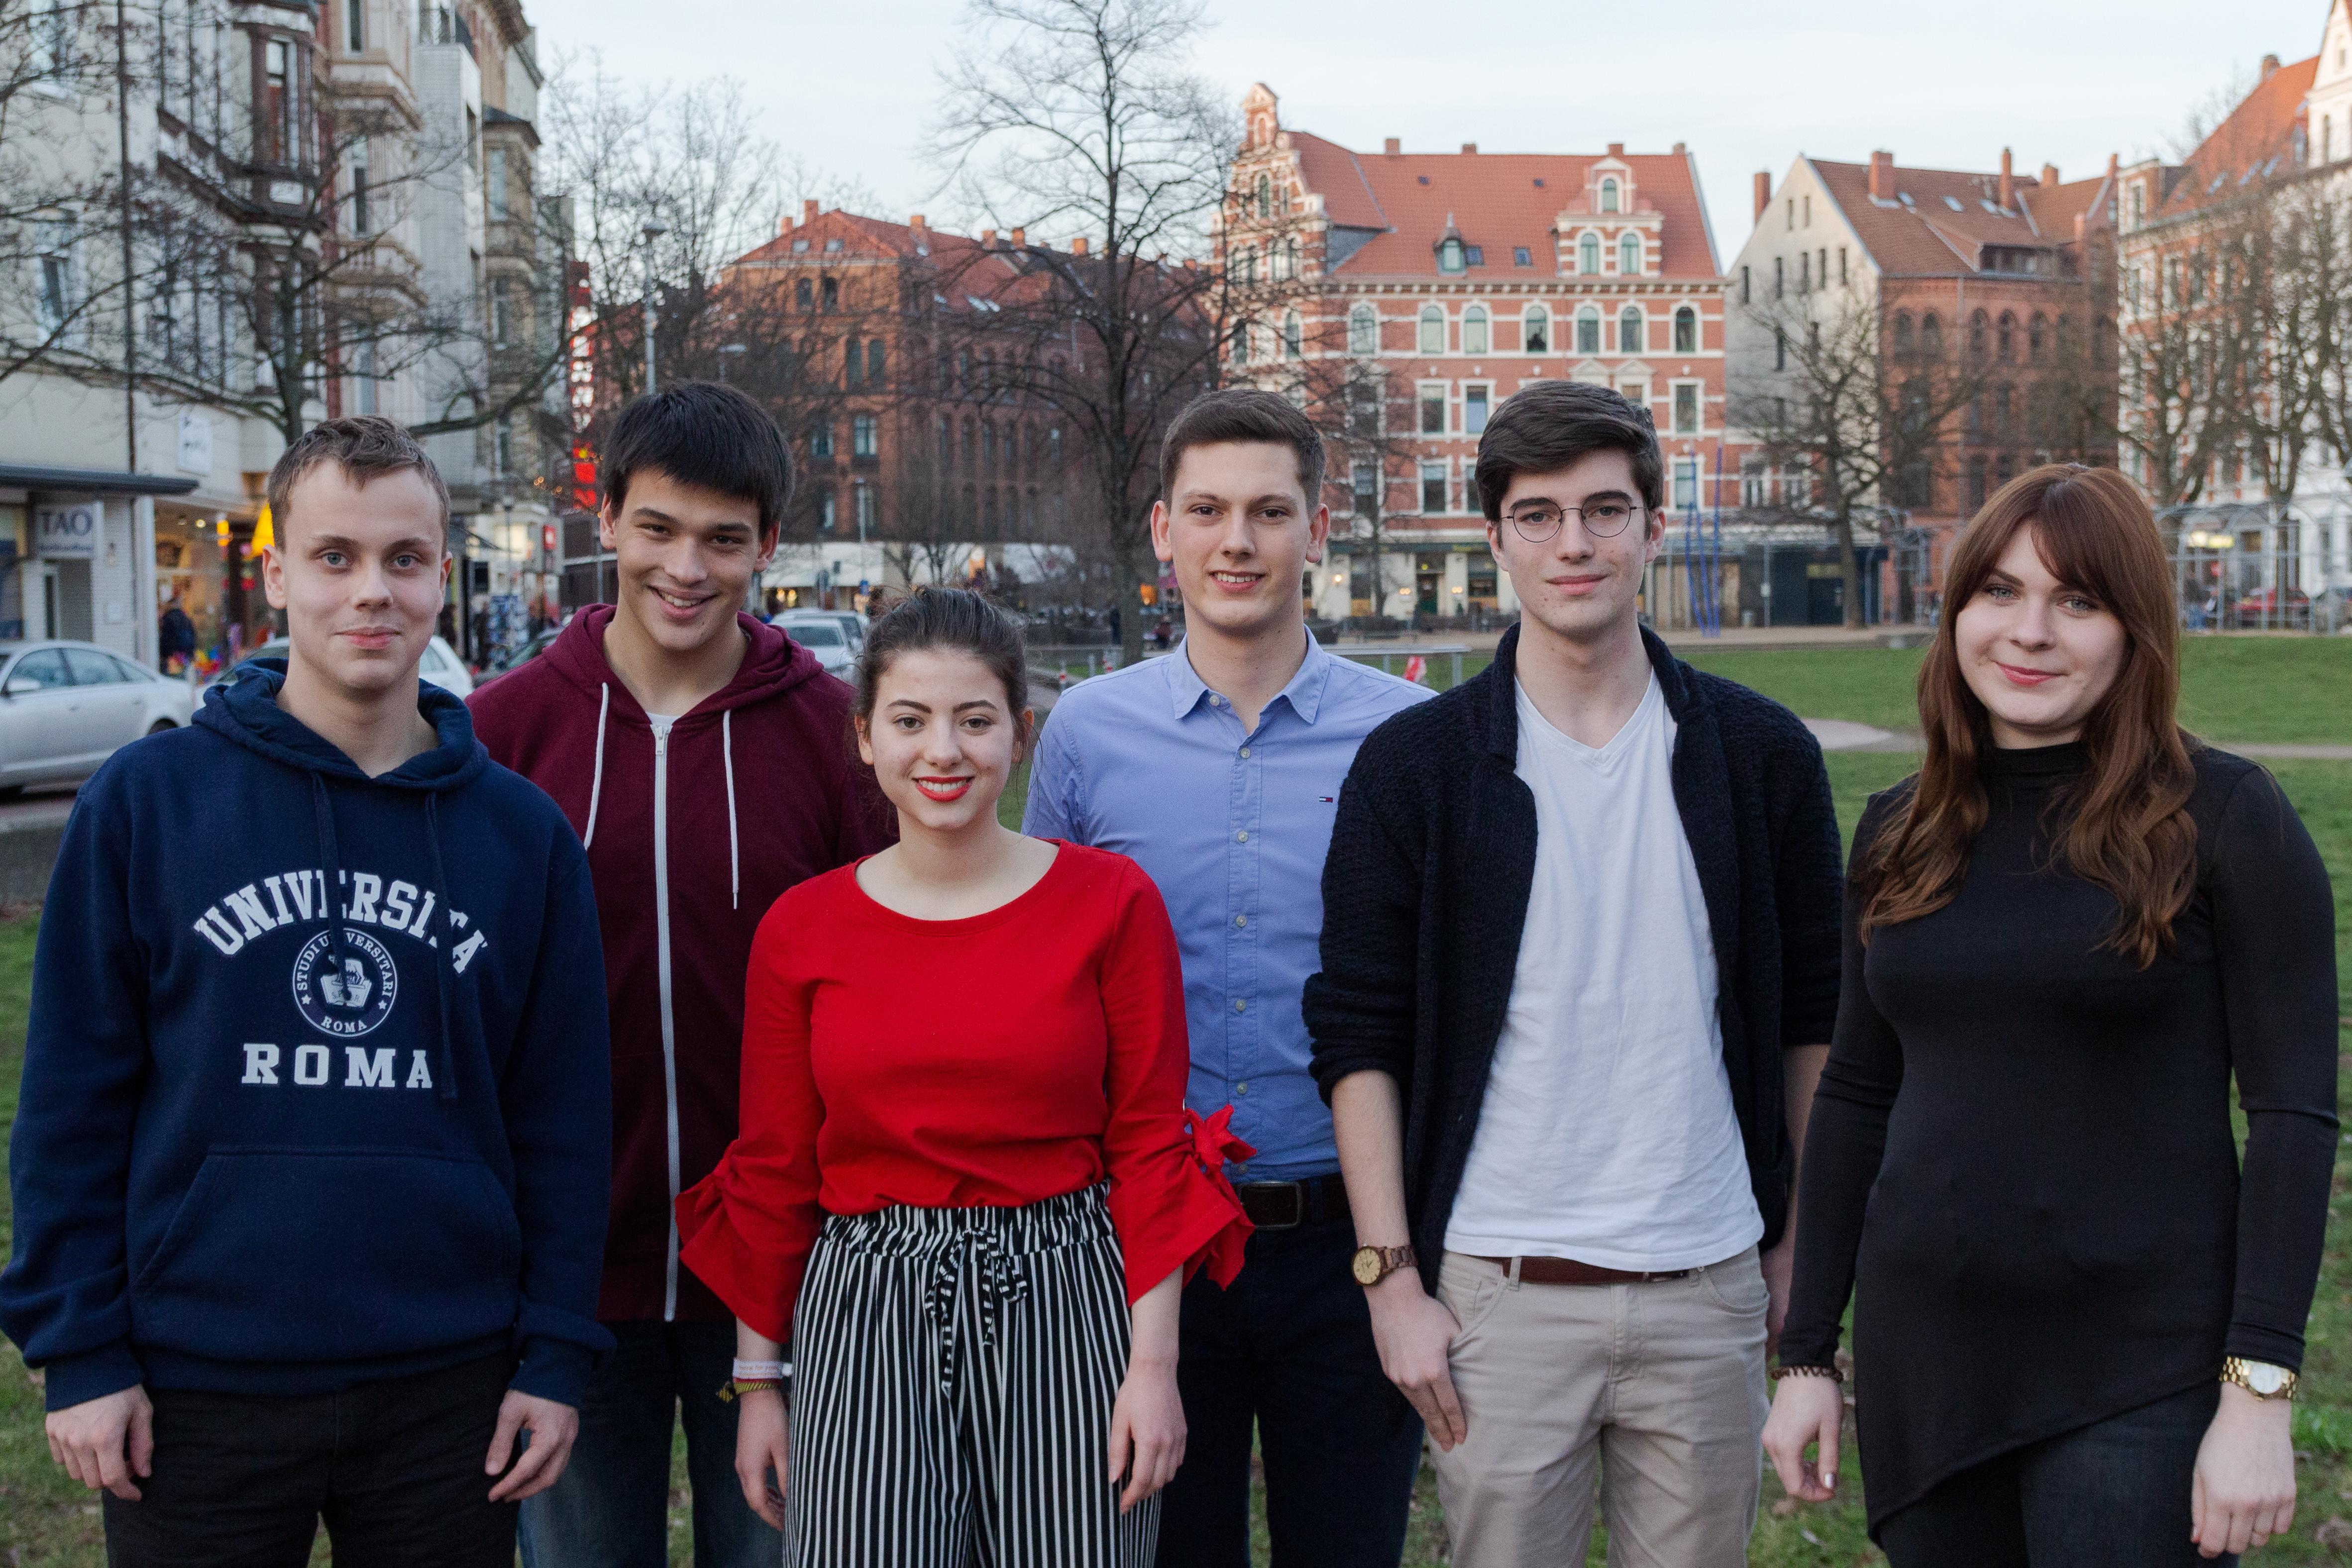 Daniel, Silas, Isabella, Henning, Florian und Elena